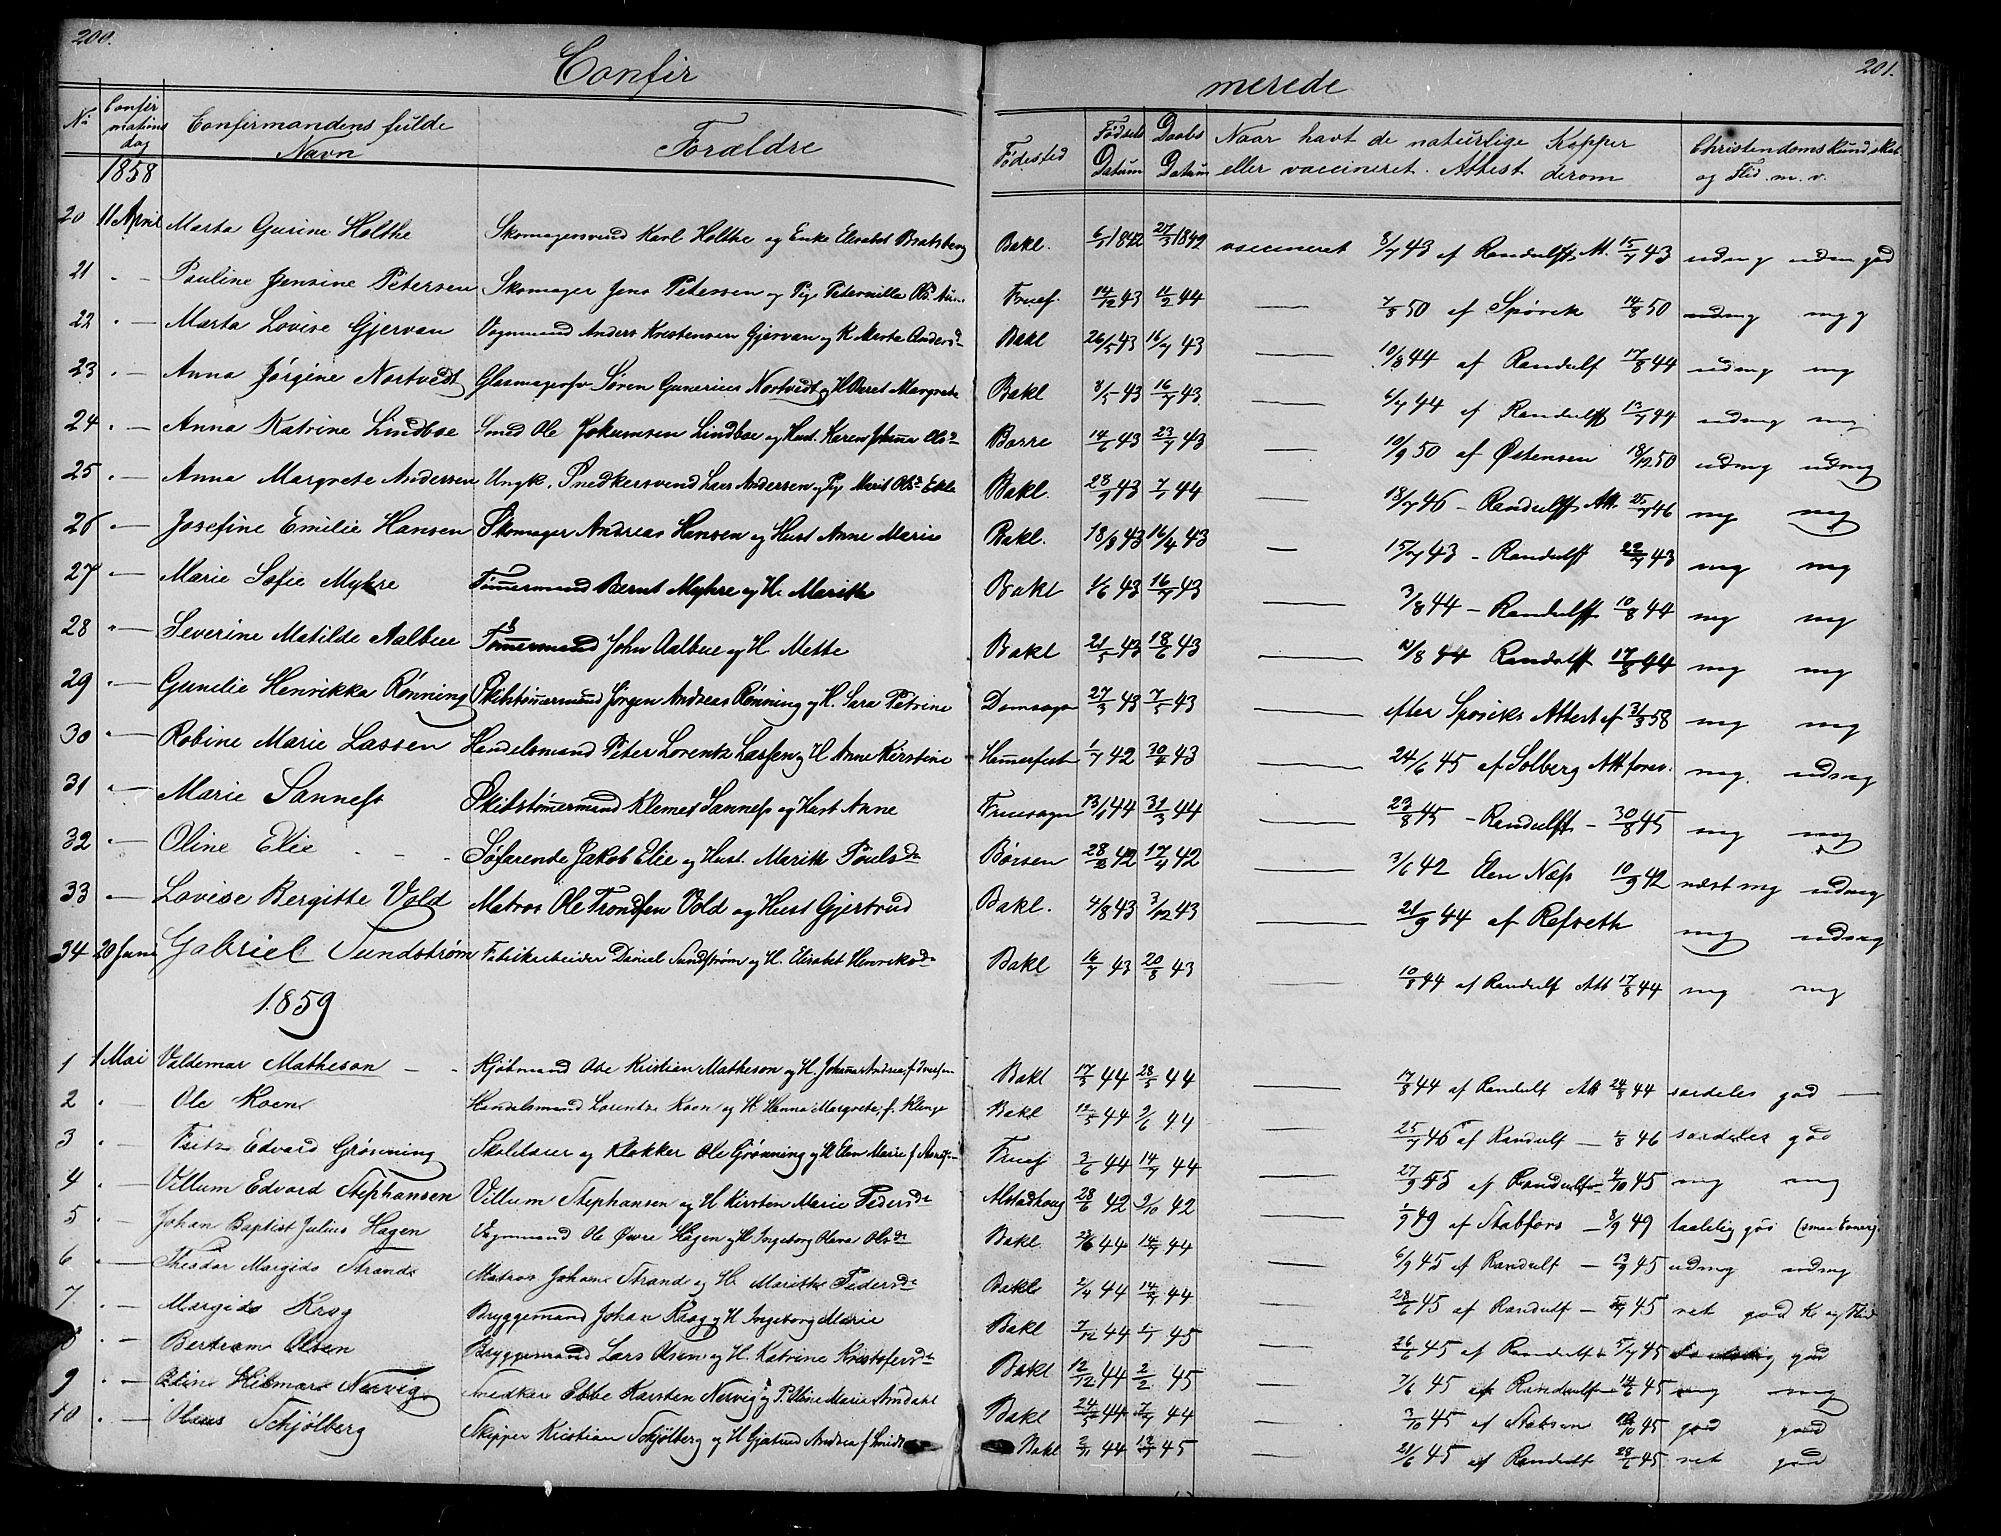 SAT, Ministerialprotokoller, klokkerbøker og fødselsregistre - Sør-Trøndelag, 604/L0219: Klokkerbok nr. 604C02, 1851-1869, s. 200-201